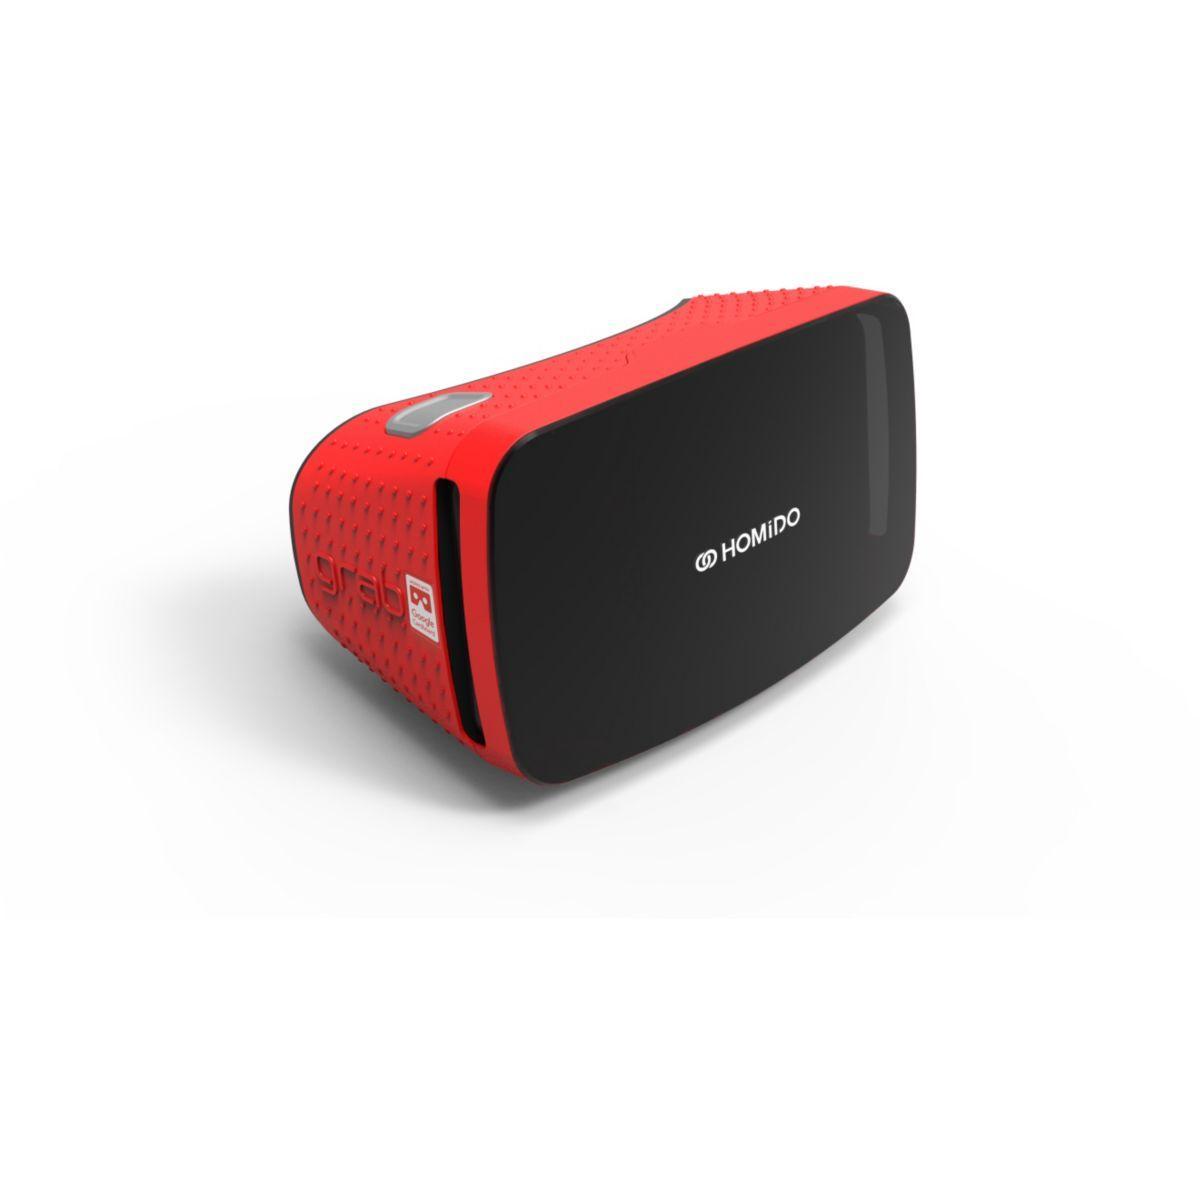 Casque de réalité virtuelle pour smartphone homido grab rouge - 2% de remise immédiate avec le code : cool2 (photo)